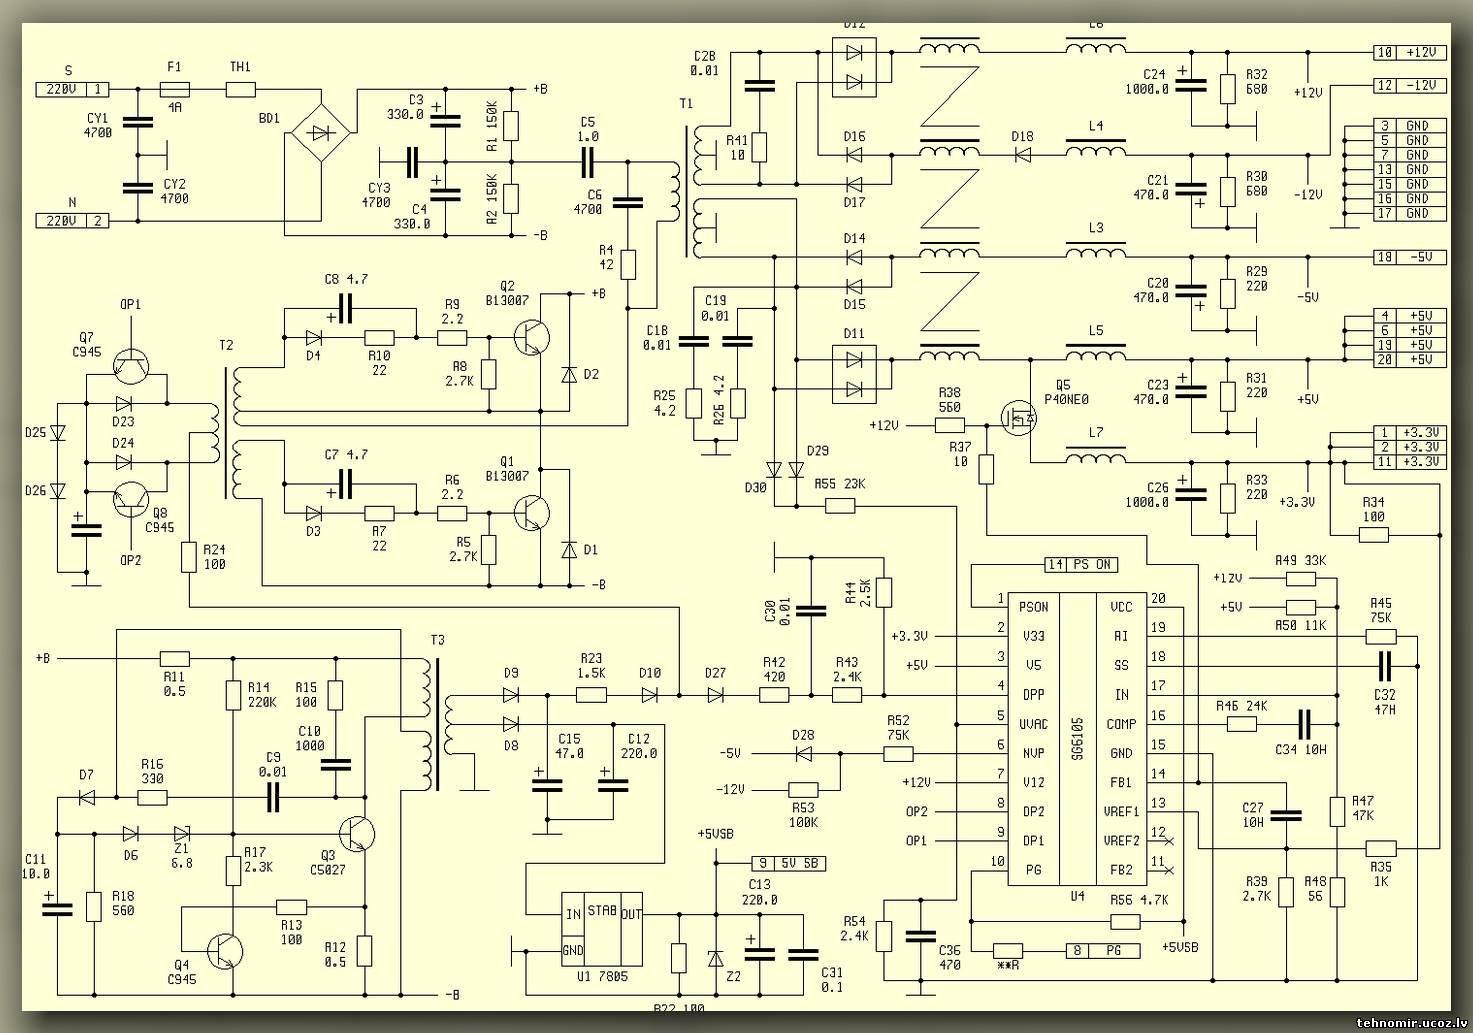 Ремонт блока питания компьютера своими руками фото 68